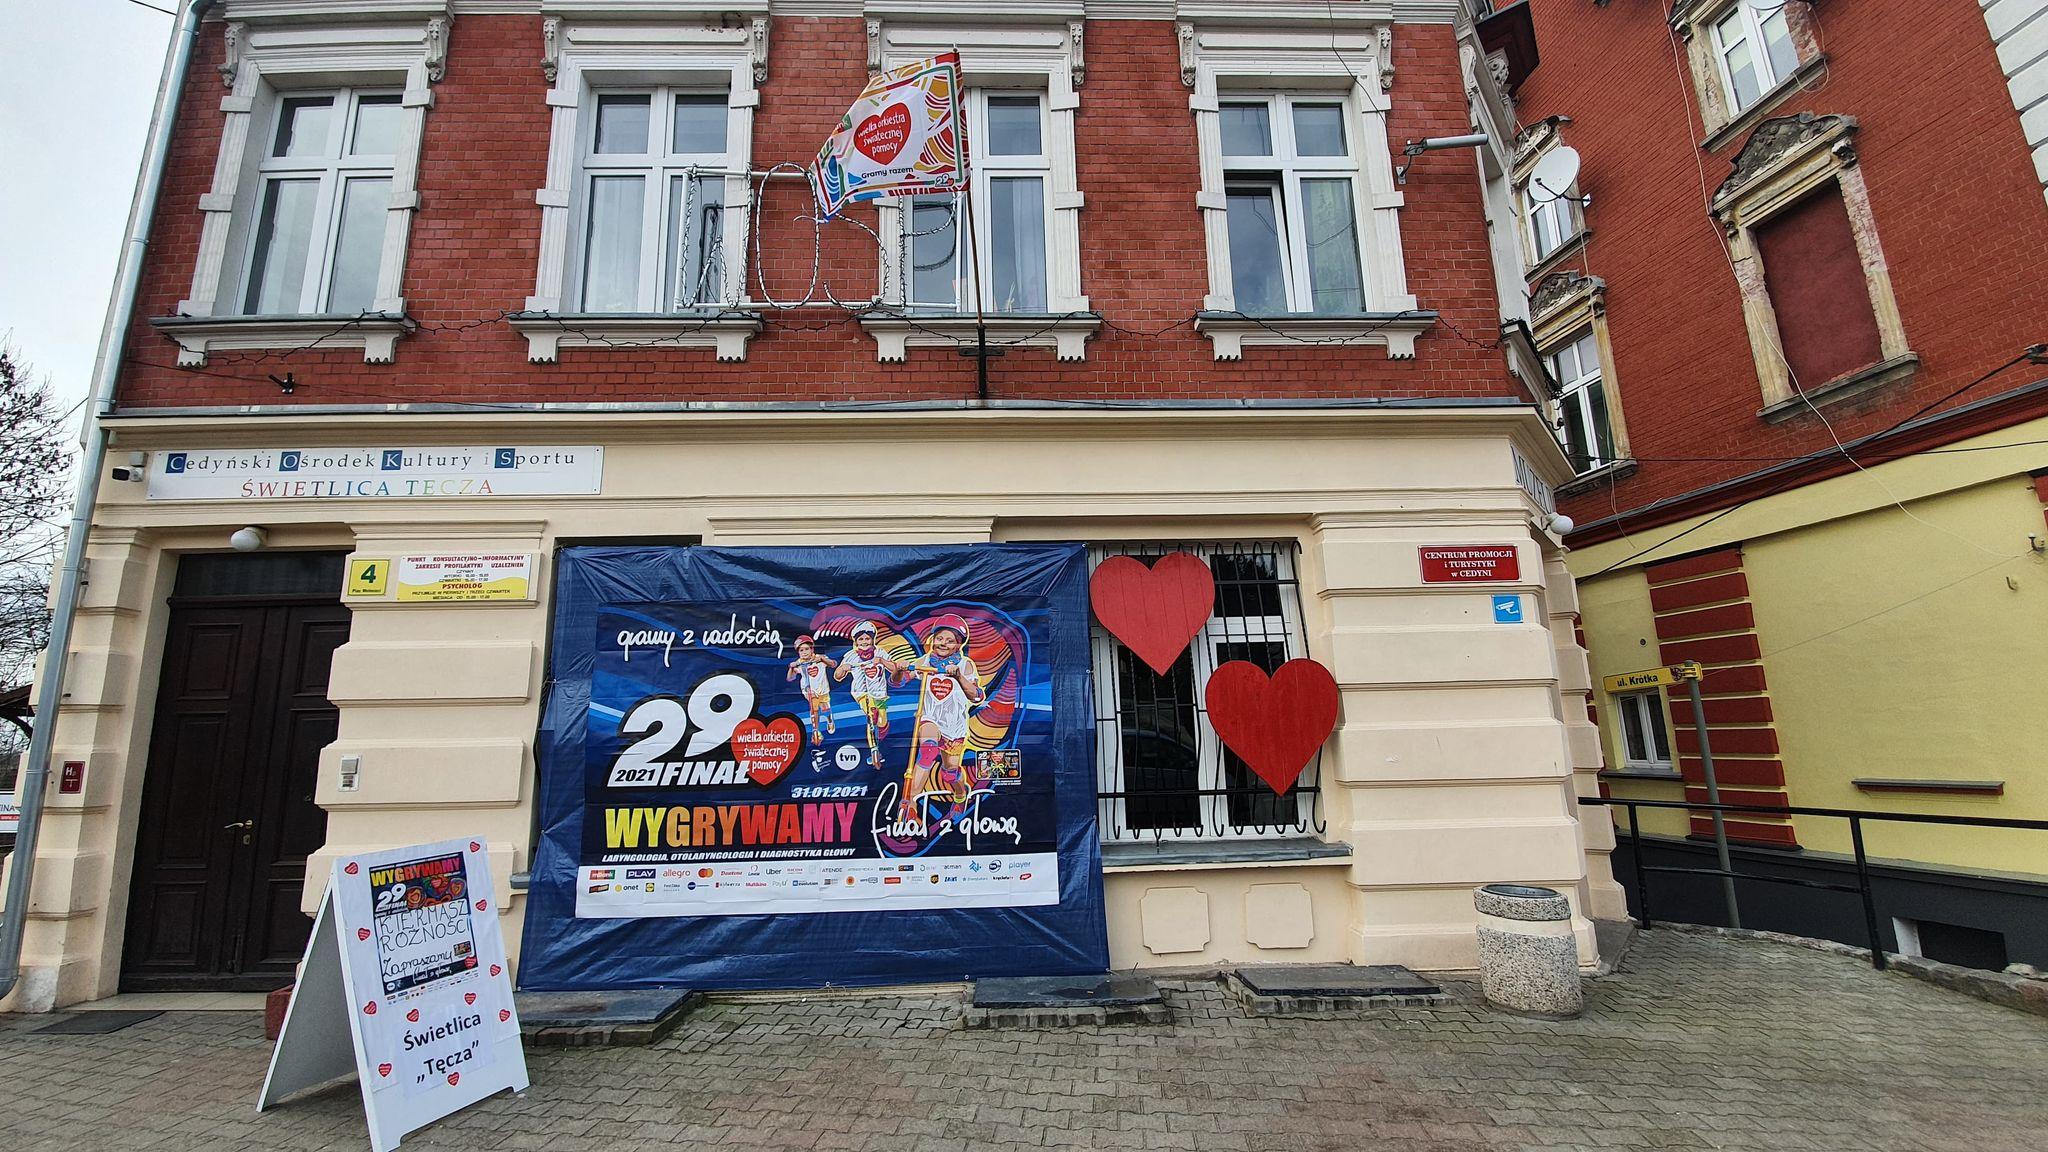 Budynek Cedyńskiego Ośrodka Kultury i Sportu, baner 29. finału WOŚP